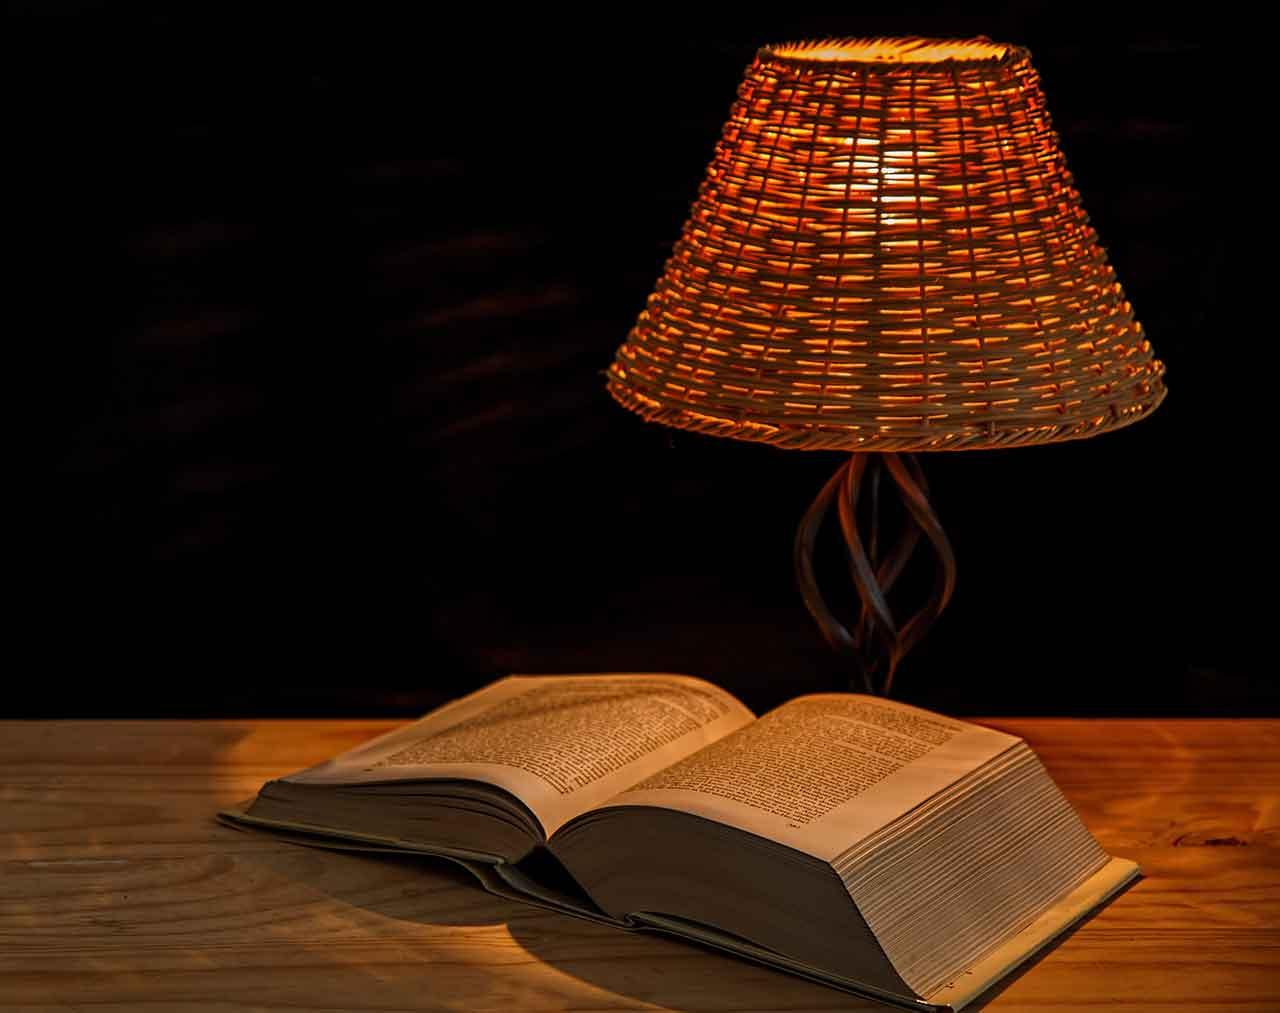 Leselampe Tischlampe Tischleuchte Nachttischlampe